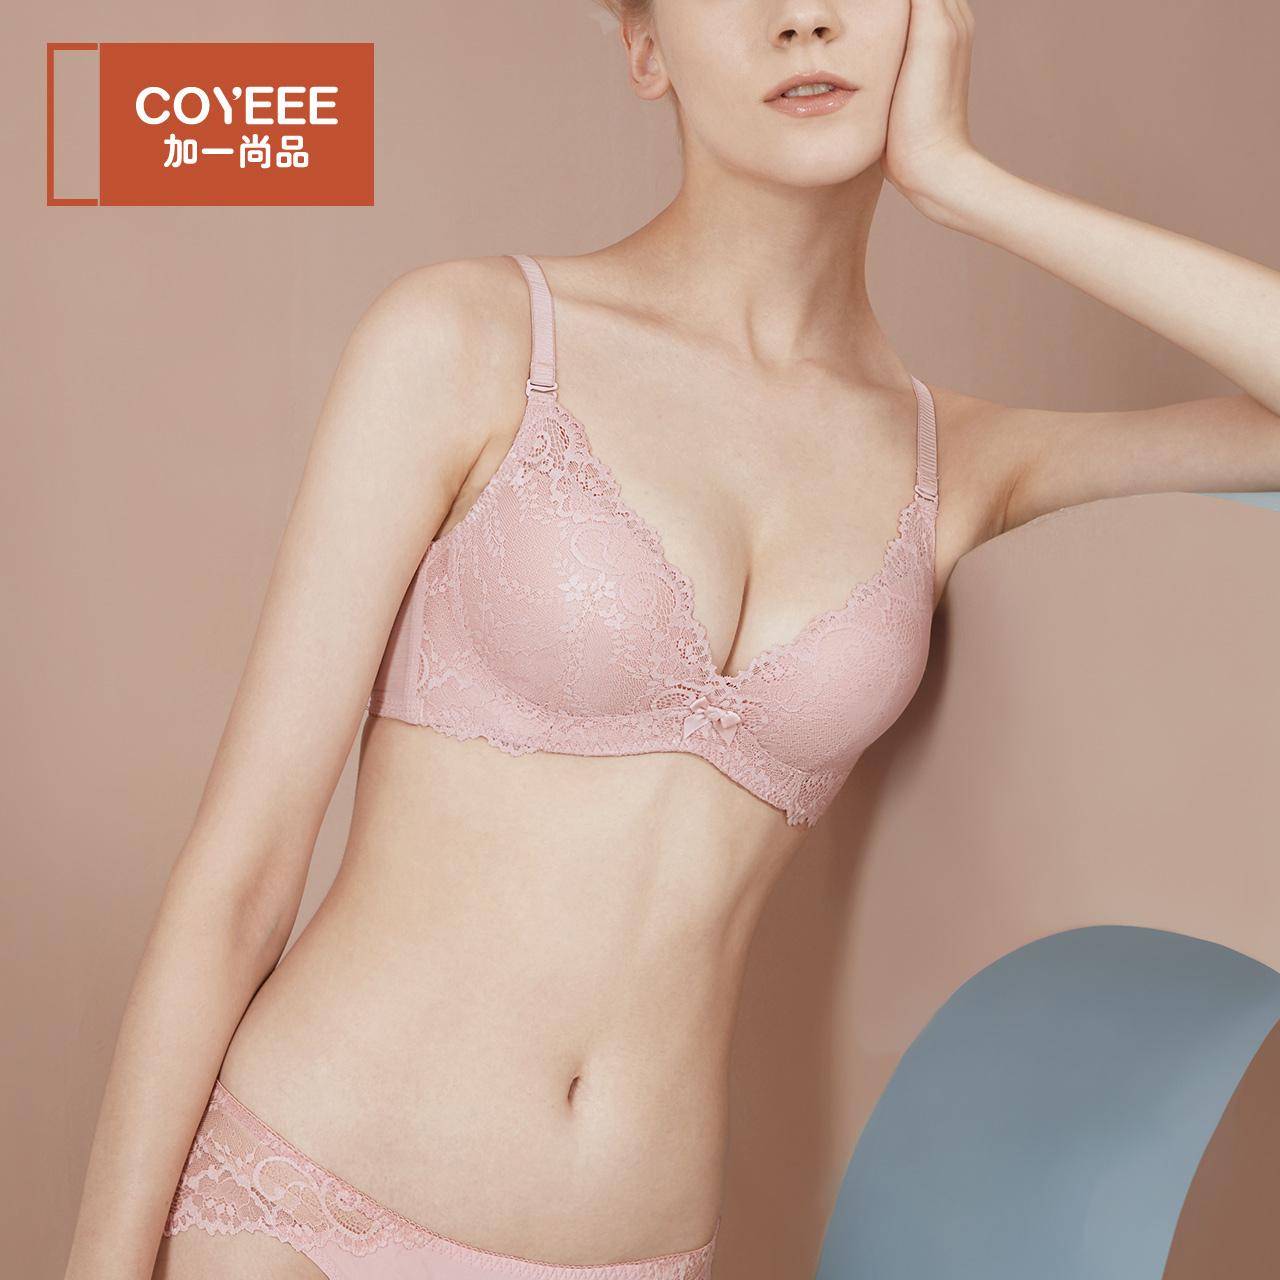 加一尚品蕾丝花边内衣女无钢圈性感聚拢文胸调整型收副乳胸罩S21